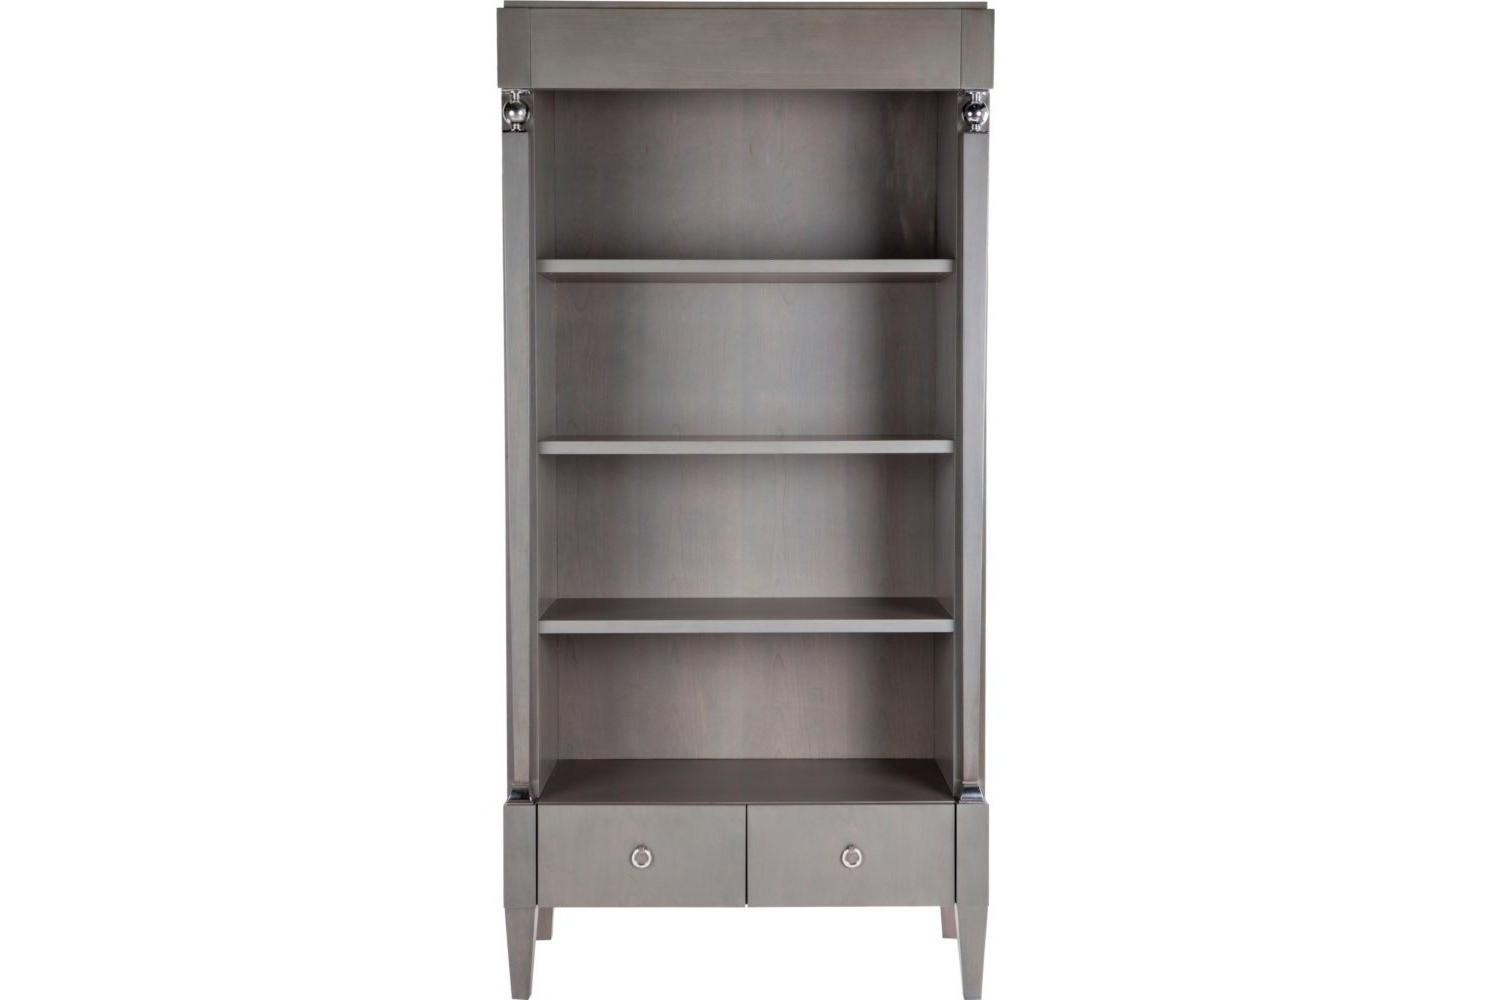 Шкаф книжныйКнижные шкафы и библиотеки<br><br><br>Material: Дерево<br>Width см: 126<br>Depth см: 45<br>Height см: 225